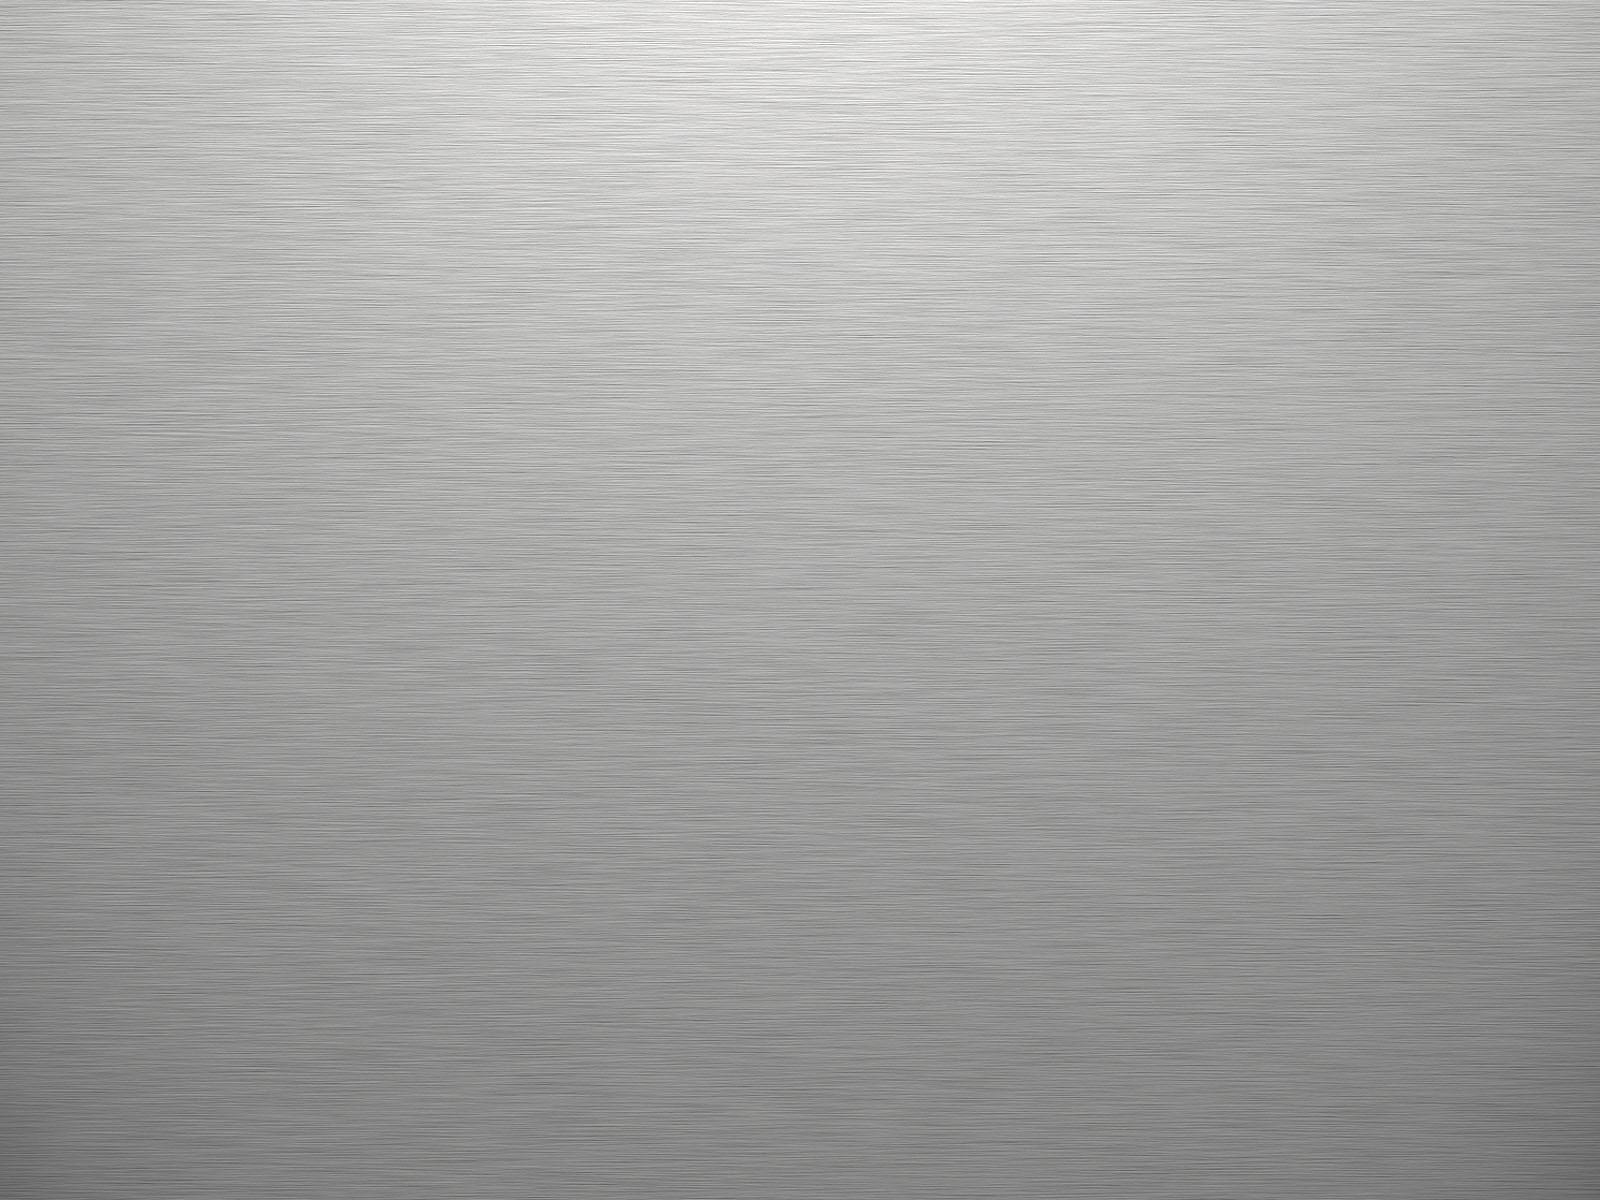 Metal Texture PLUS Metal Grid by grevenlx